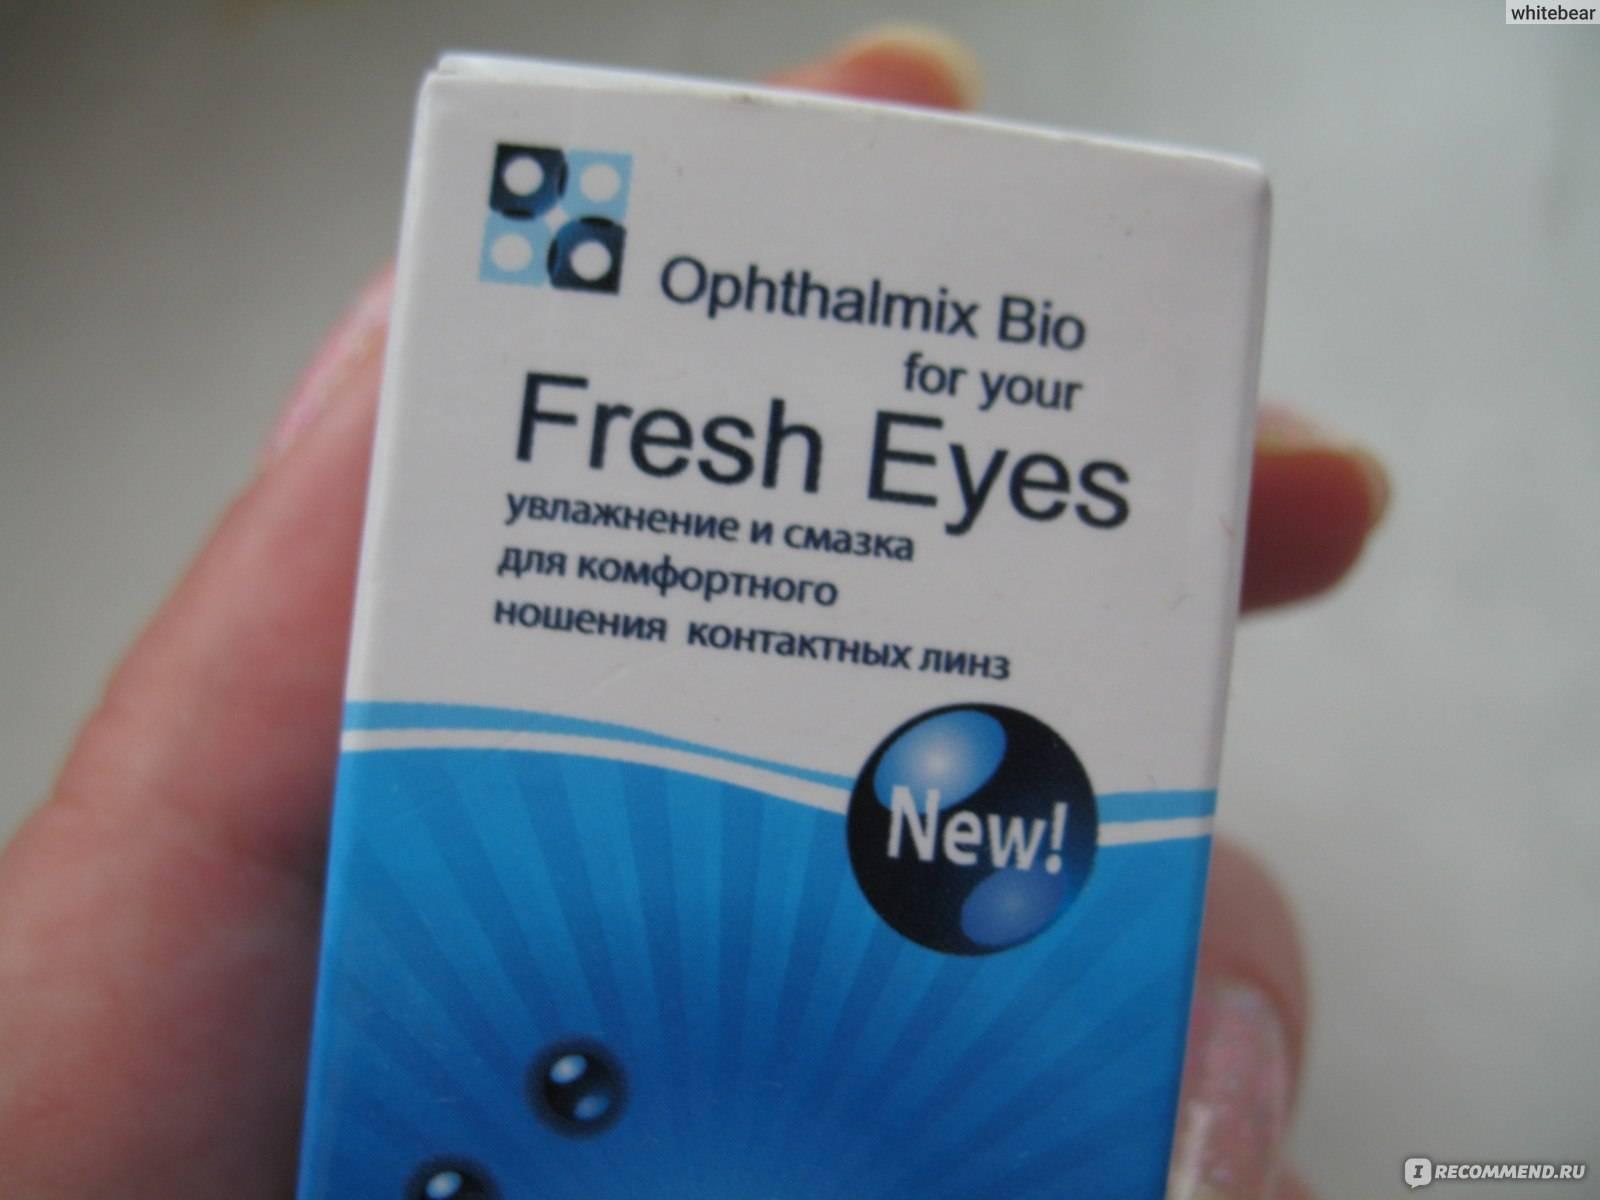 Глазные капли офтальмикс: инструкция по применению, состав